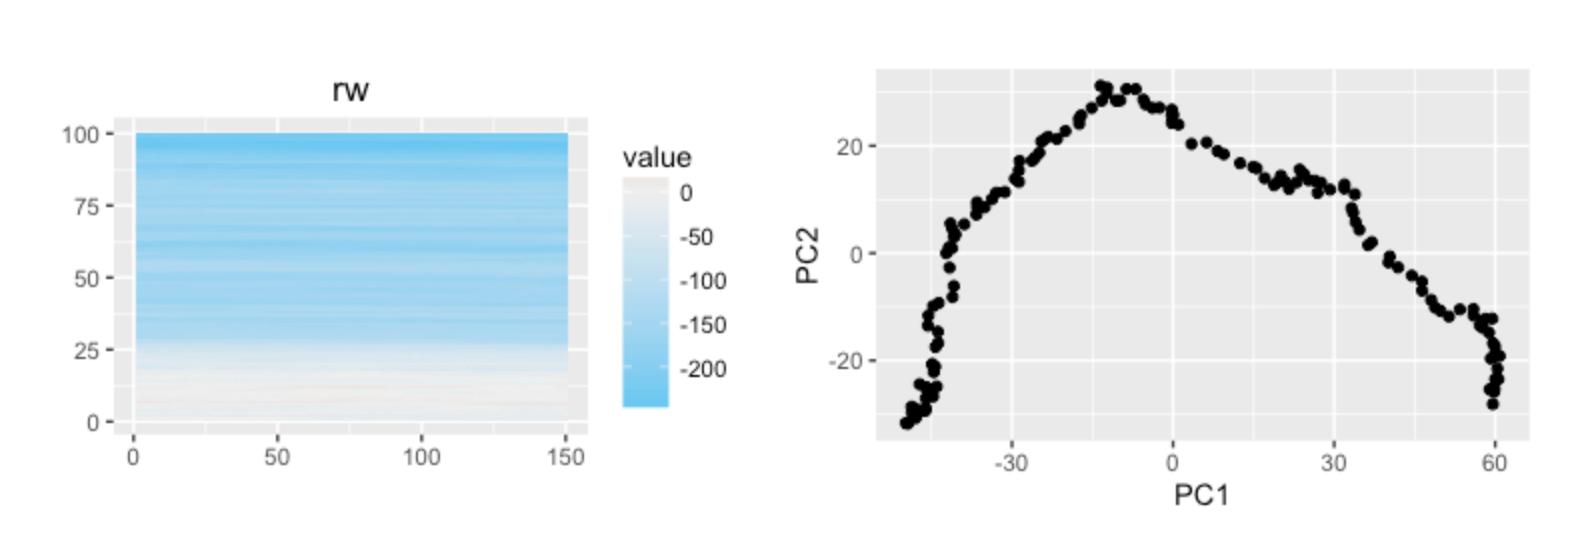 Slides_stat_methods_bioinf/dem_reduction_whuber.png